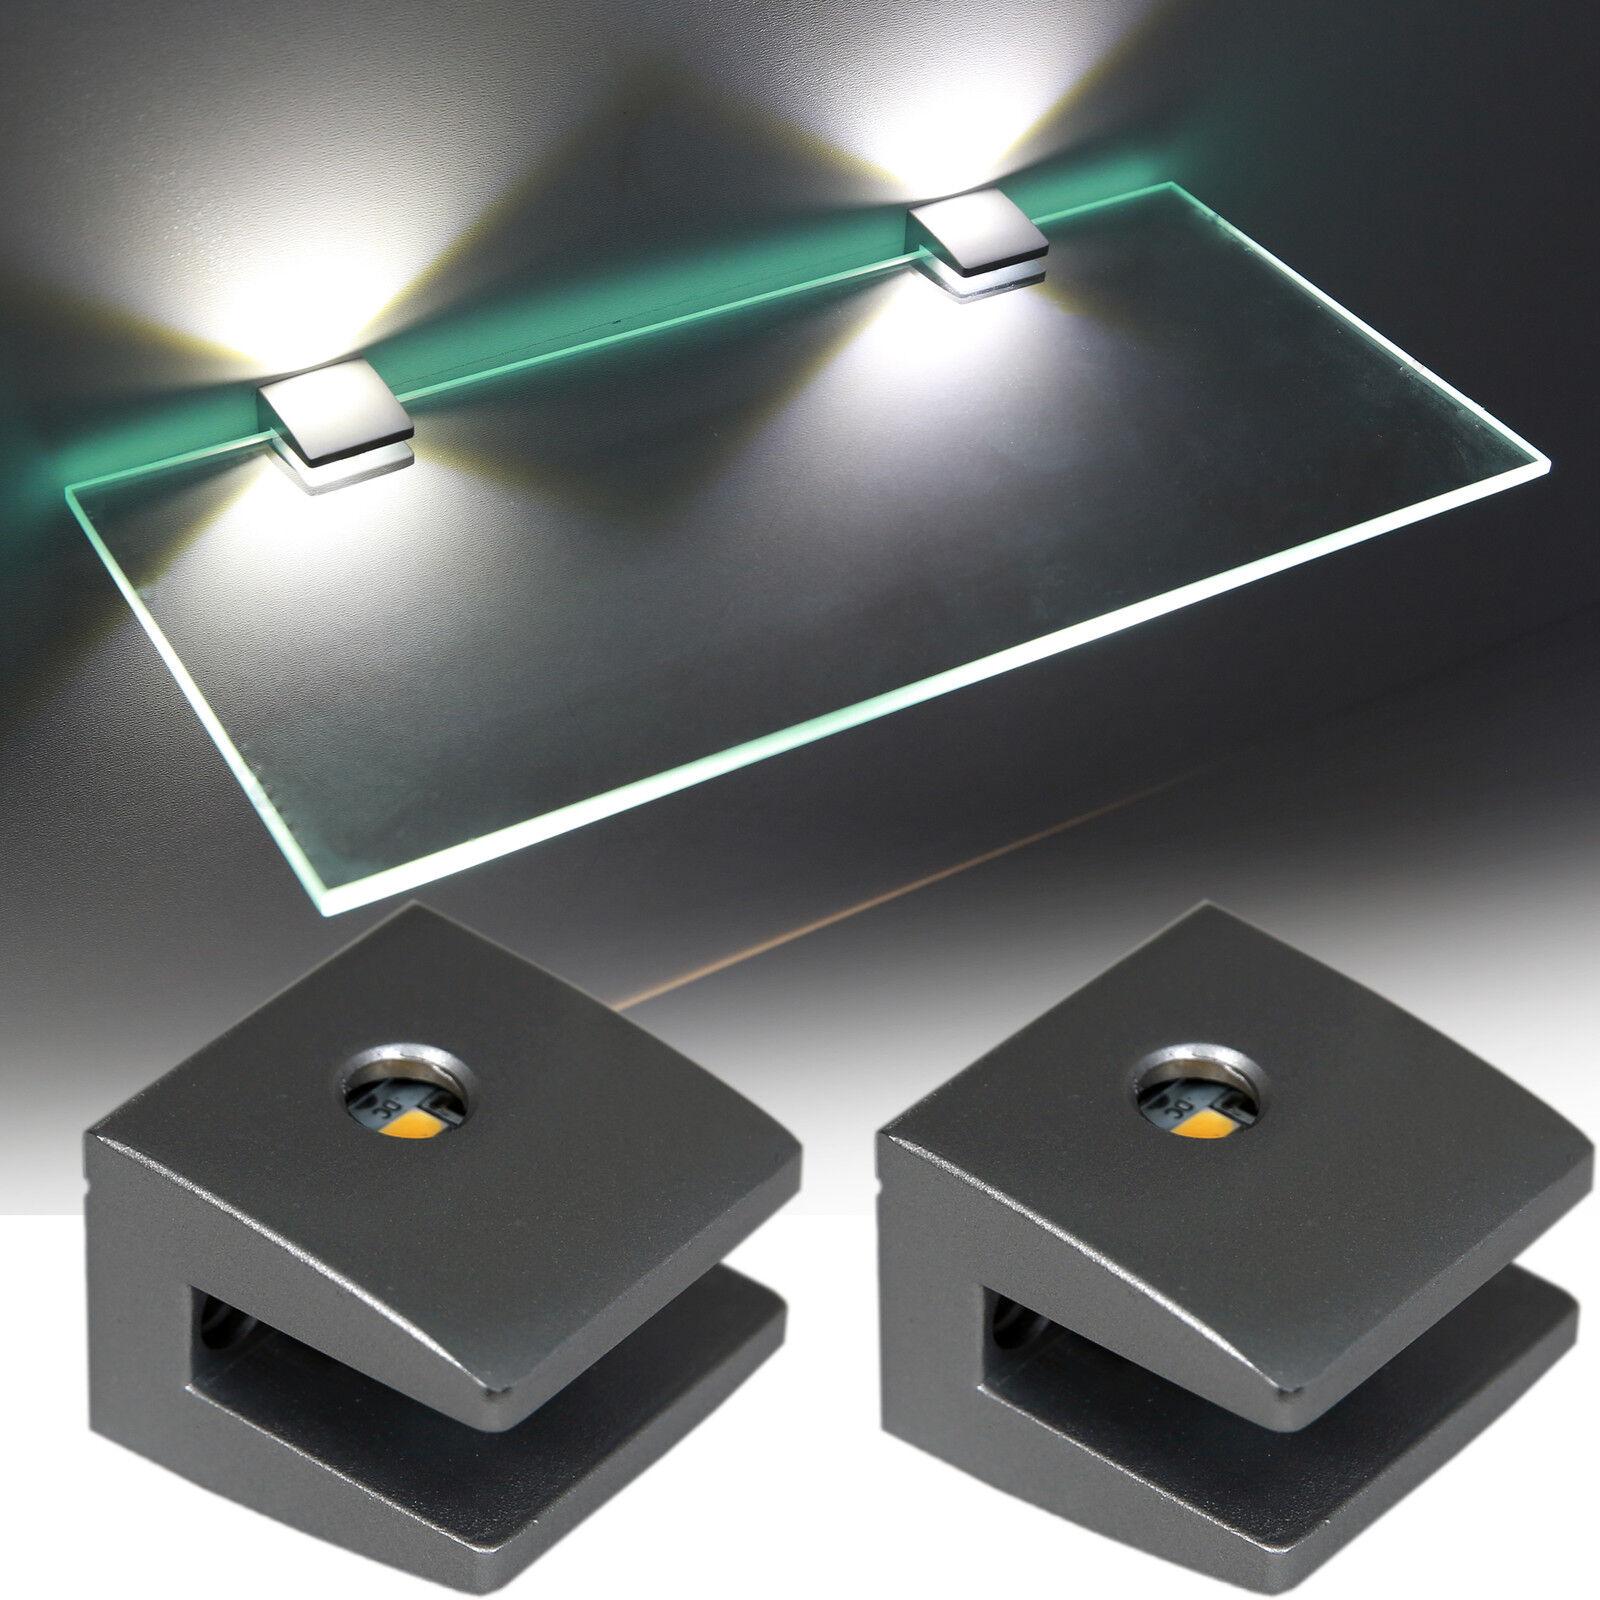 Glasbodenhalter Glaskantenbeleuchtung LED 3 Seiten Glasbodenbeleuchtung Art.2460